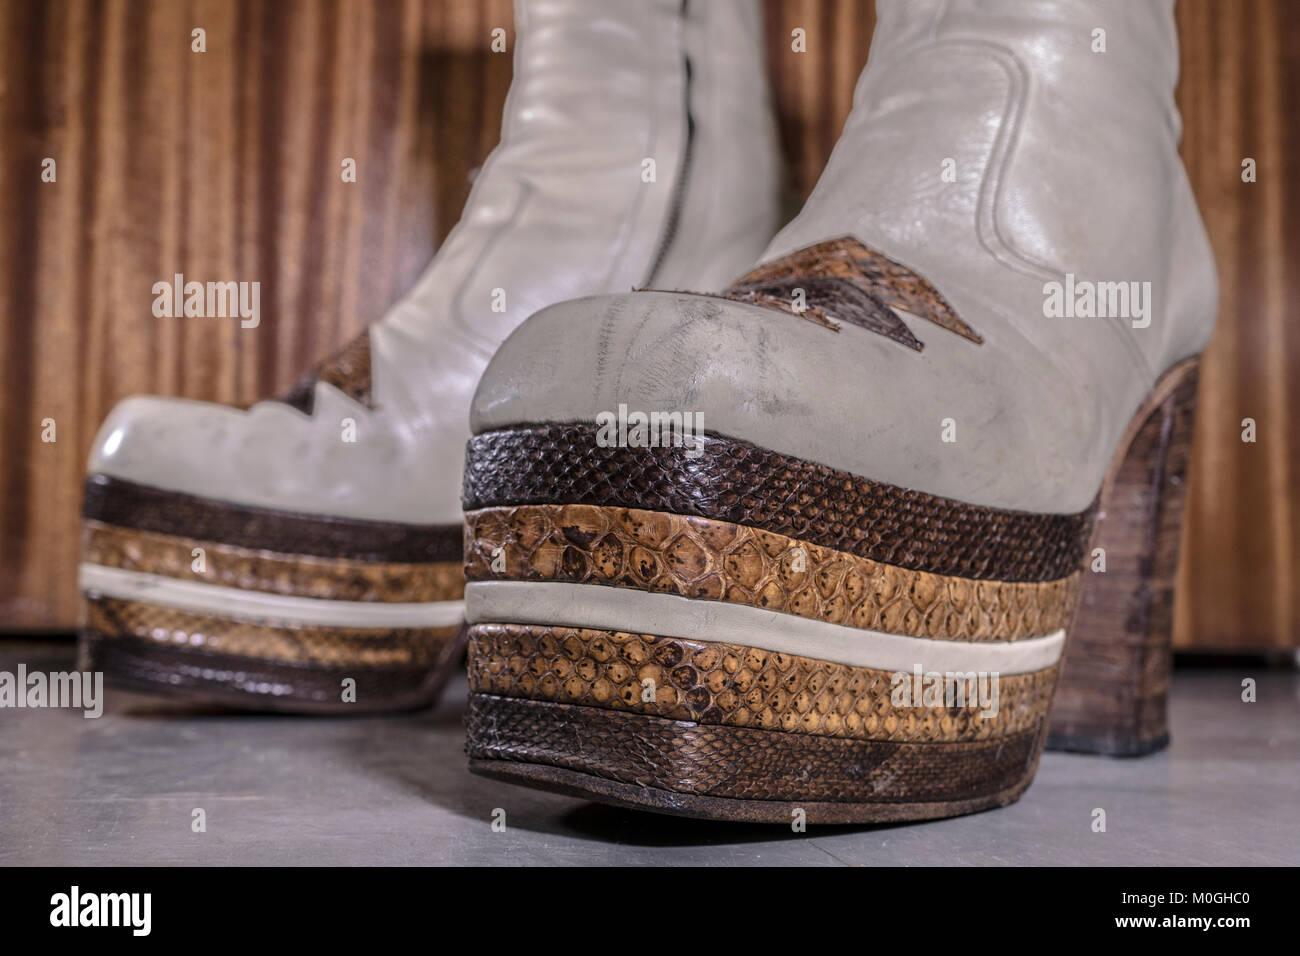 Platform Boots 70s Stockfotos & Platform Boots 70s Bilder